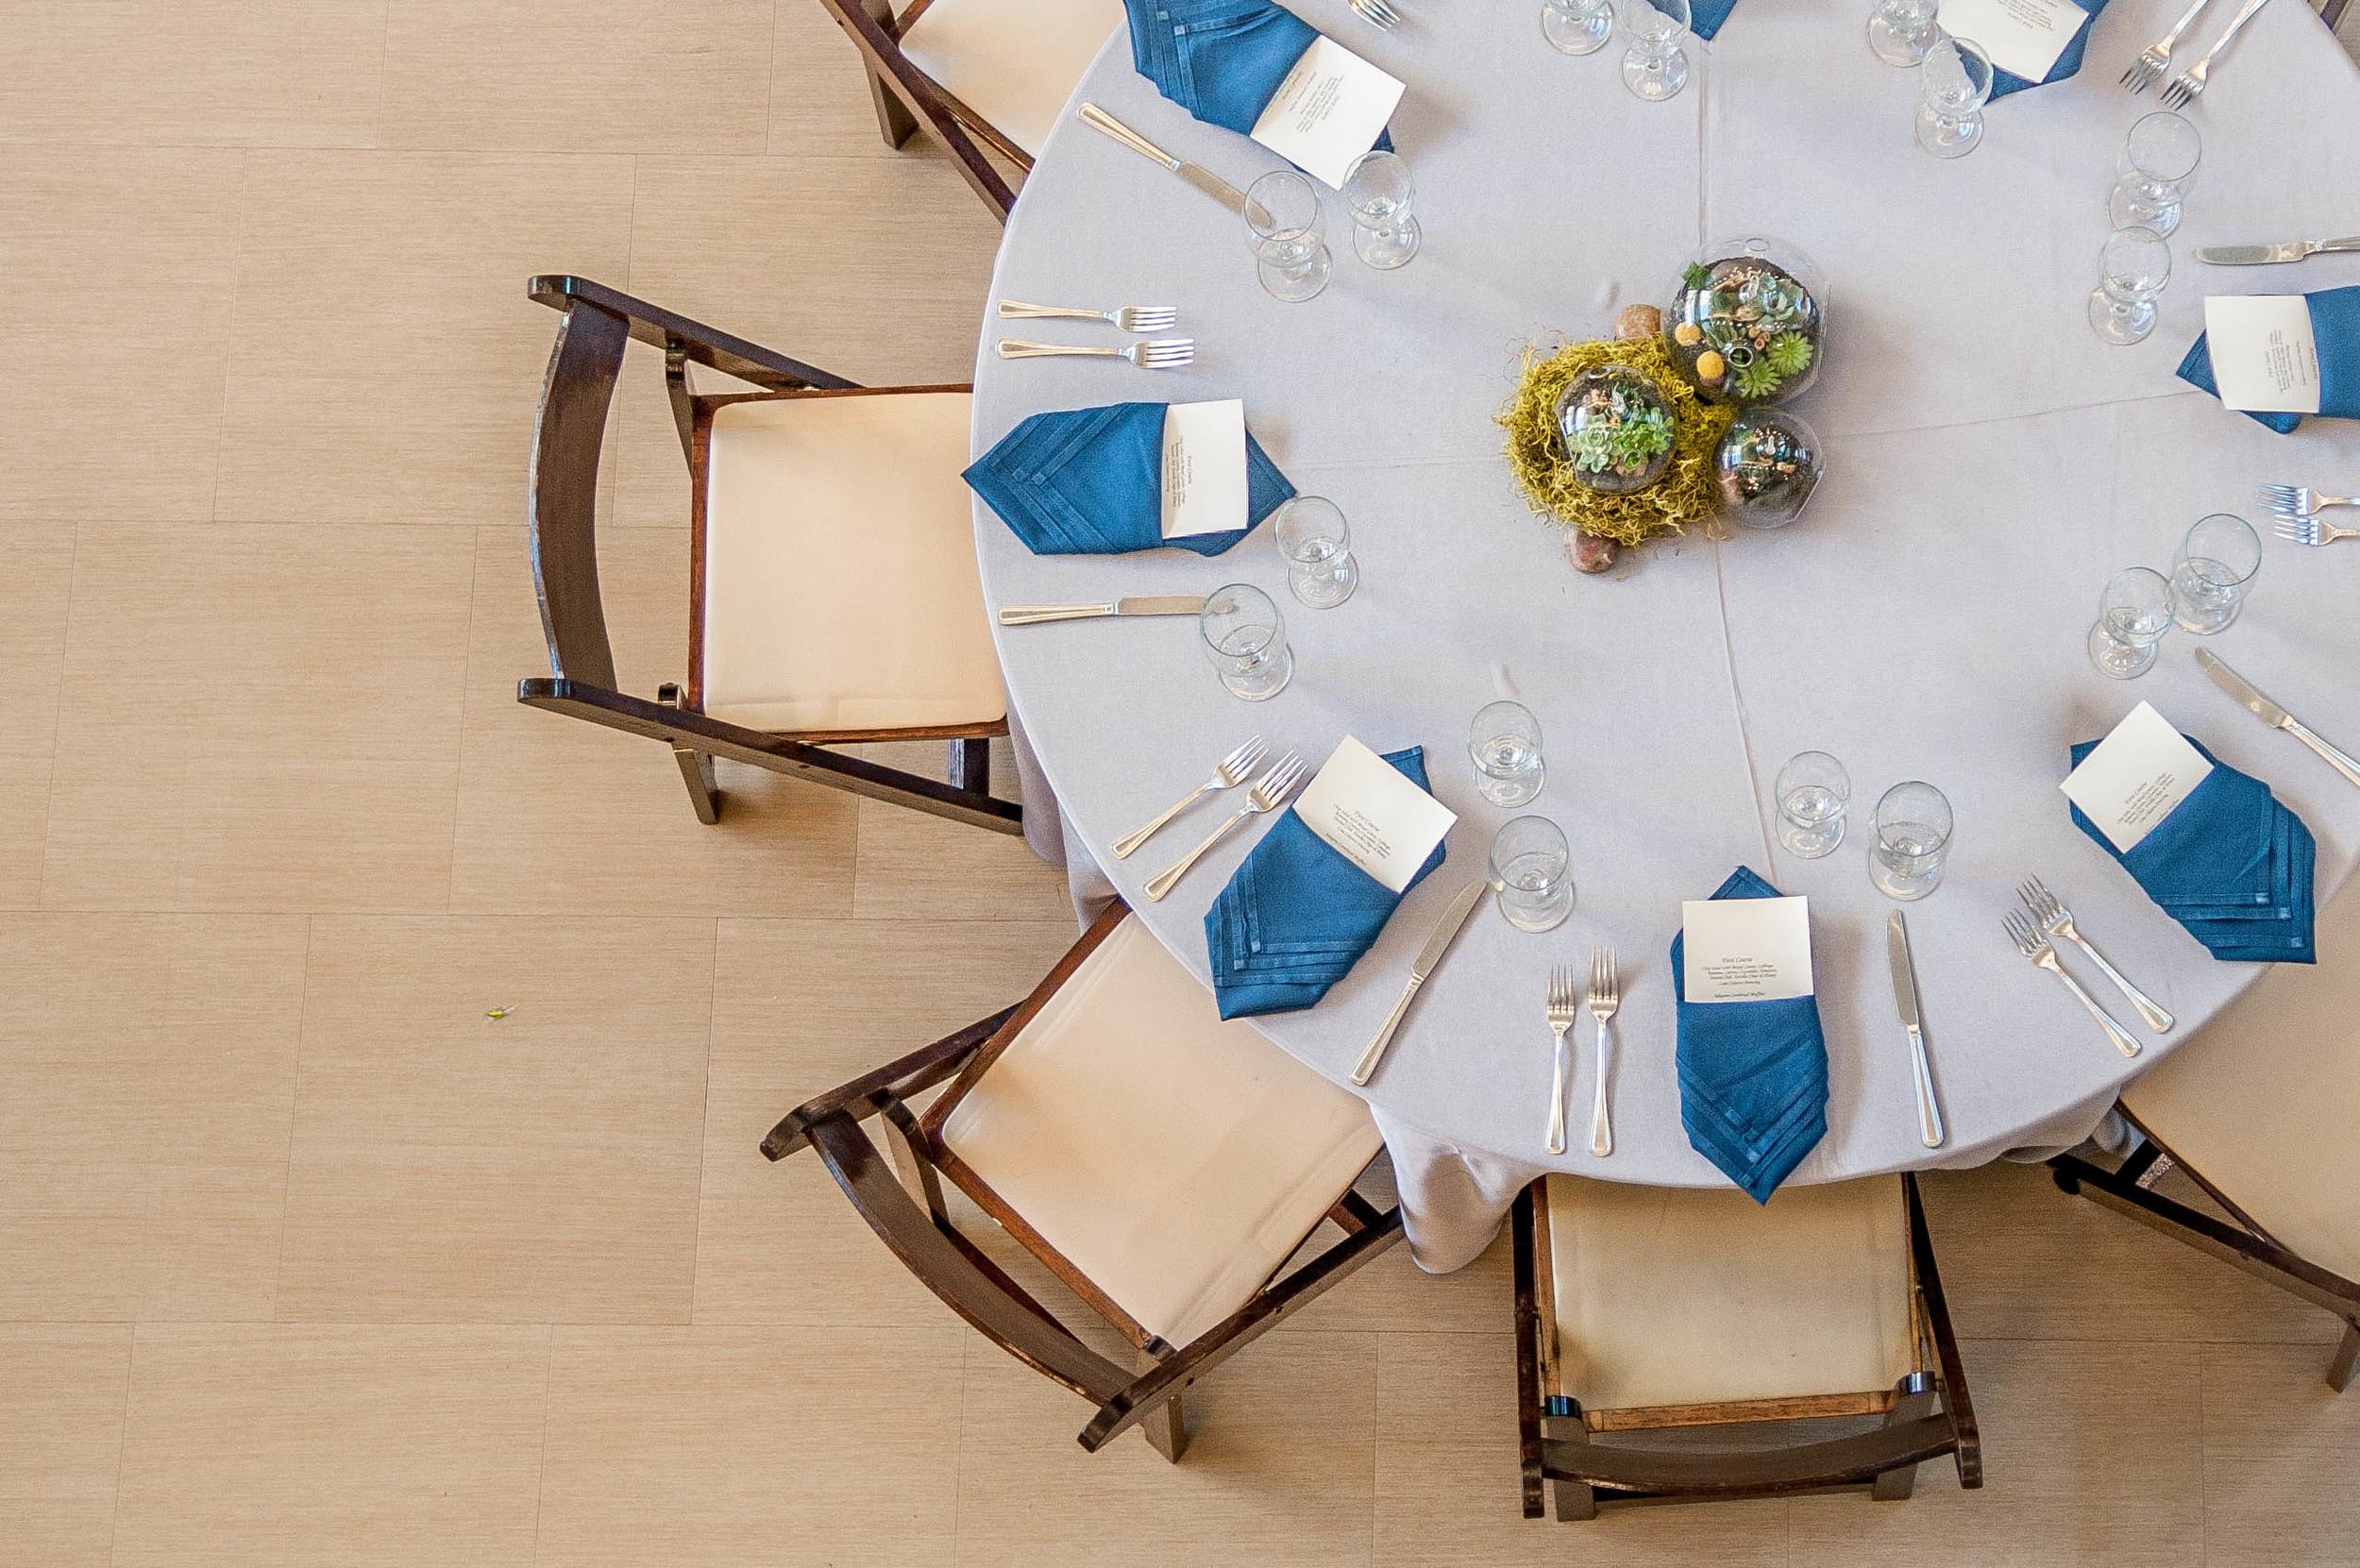 Scott & White table settings